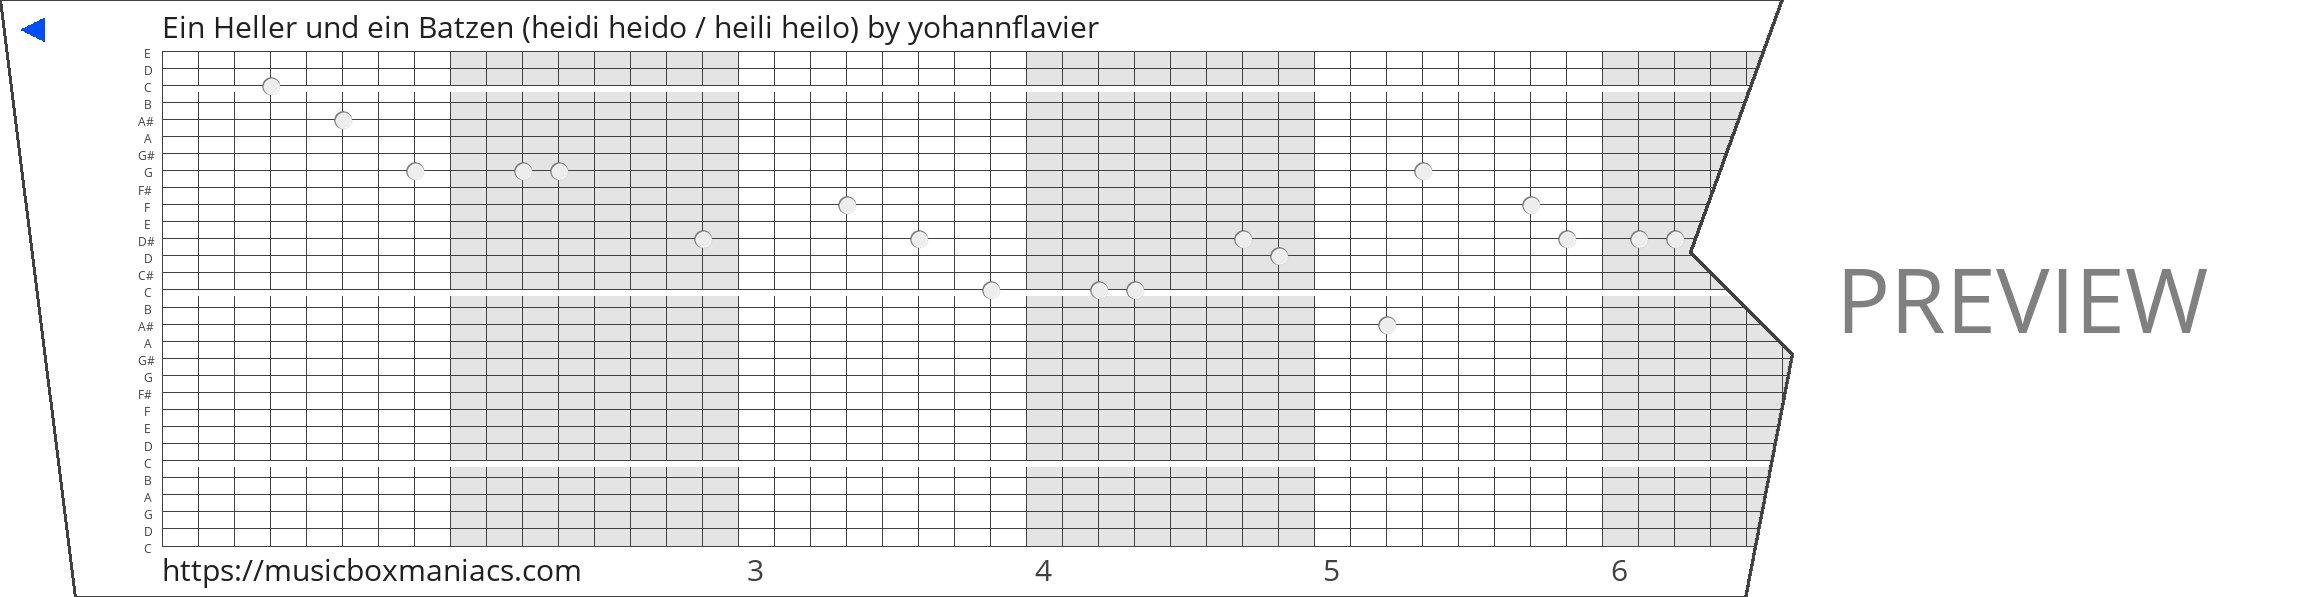 Ein Heller und ein Batzen (heidi heido / heili heilo) 30 note music box paper strip